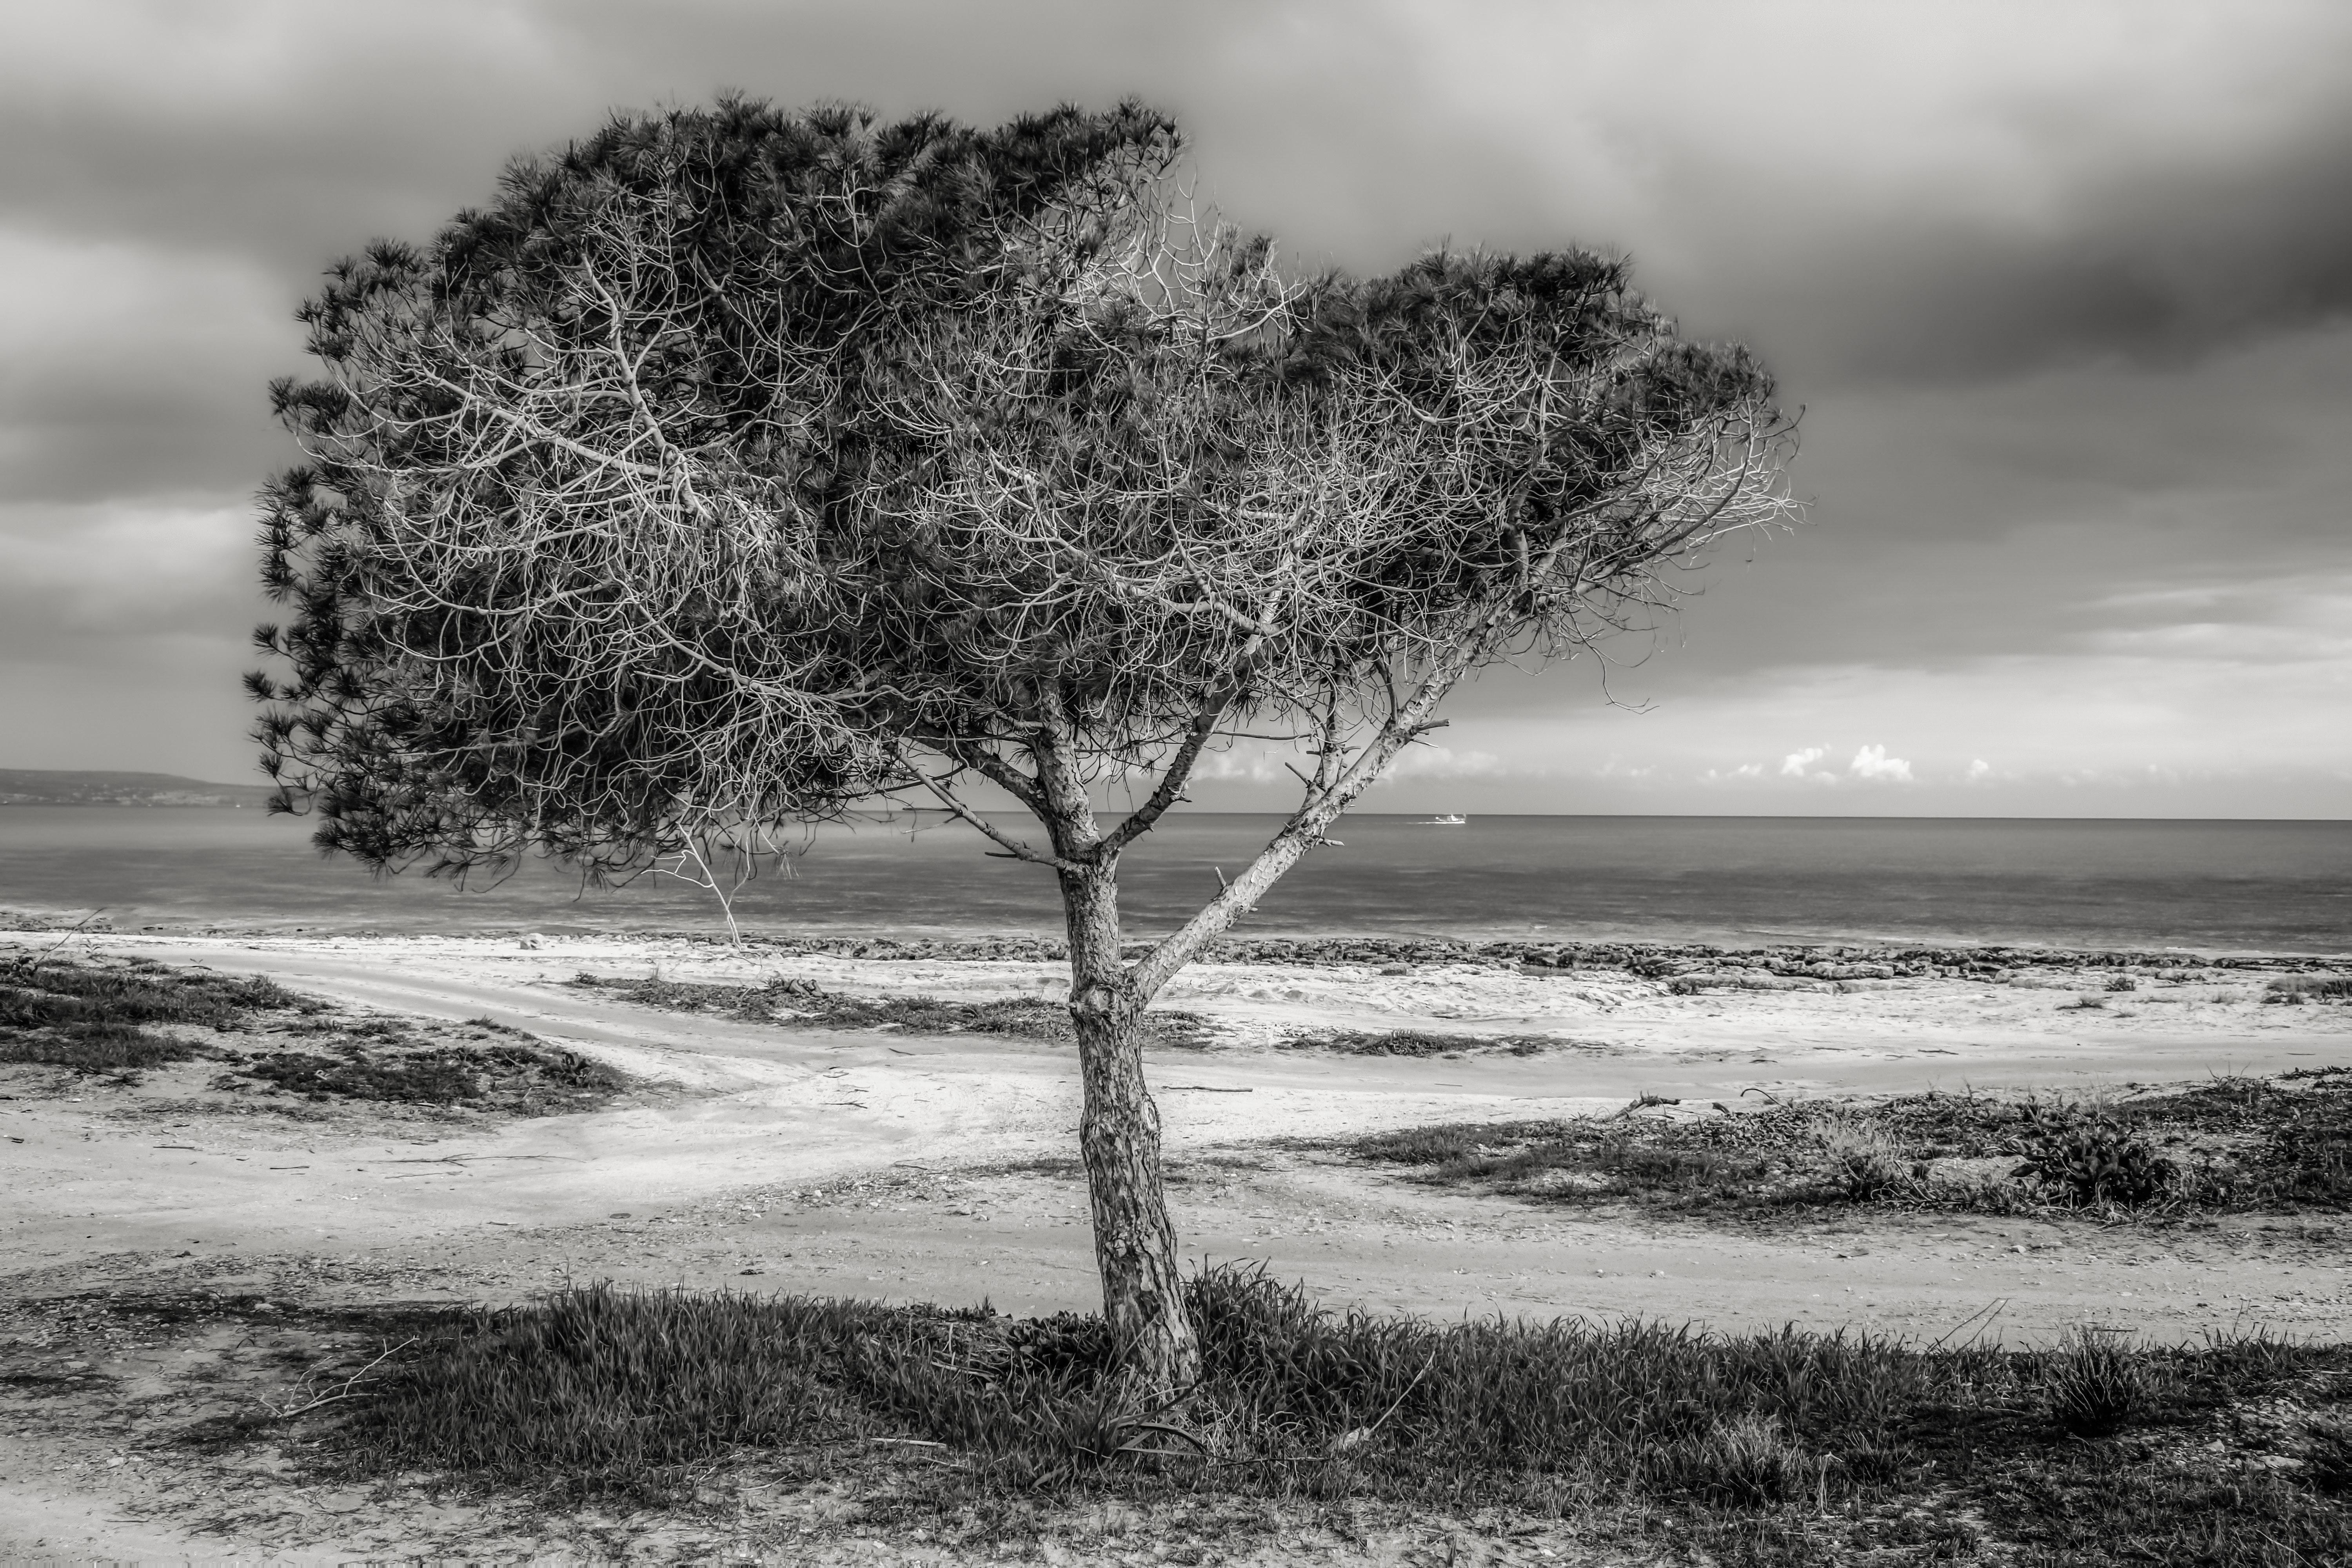 Tree on beach against sky photo